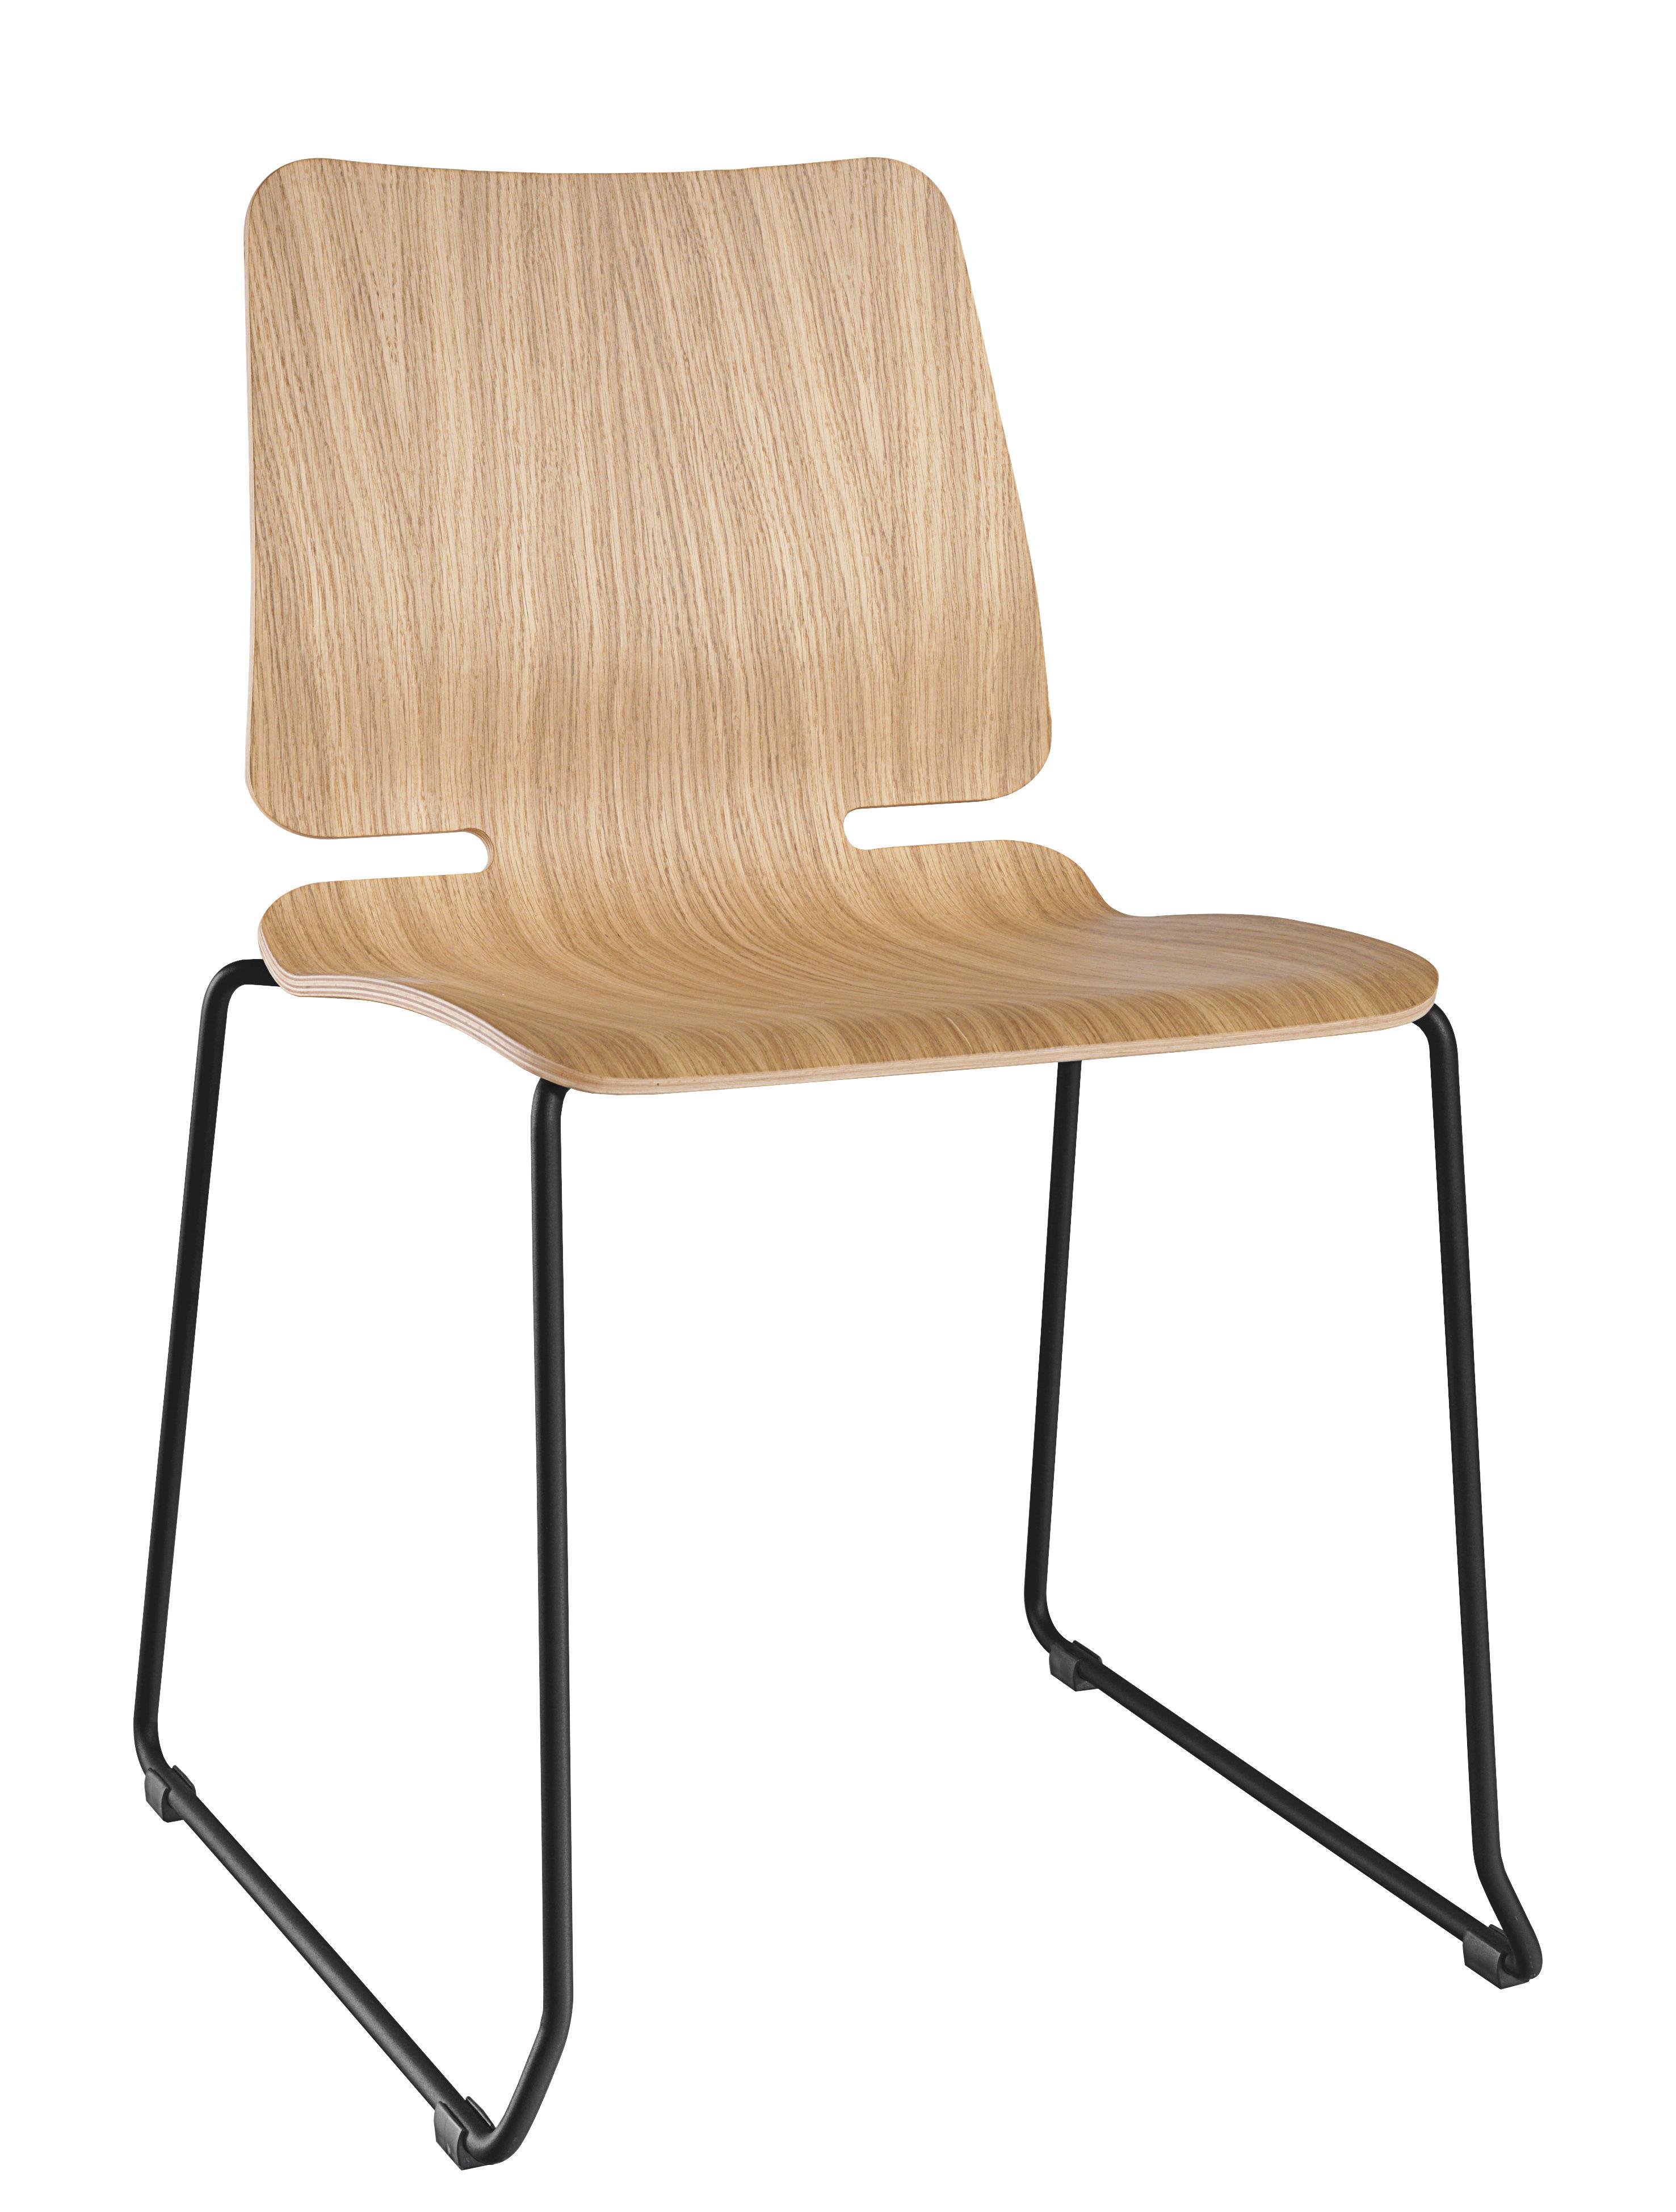 Mobilier - Chaises, fauteuils de salle à manger - Chaise empilable Noa / Piètement luge - Bois & métal - Ondarreta - Bois naturel / Piètement noir - Acier, Hêtre